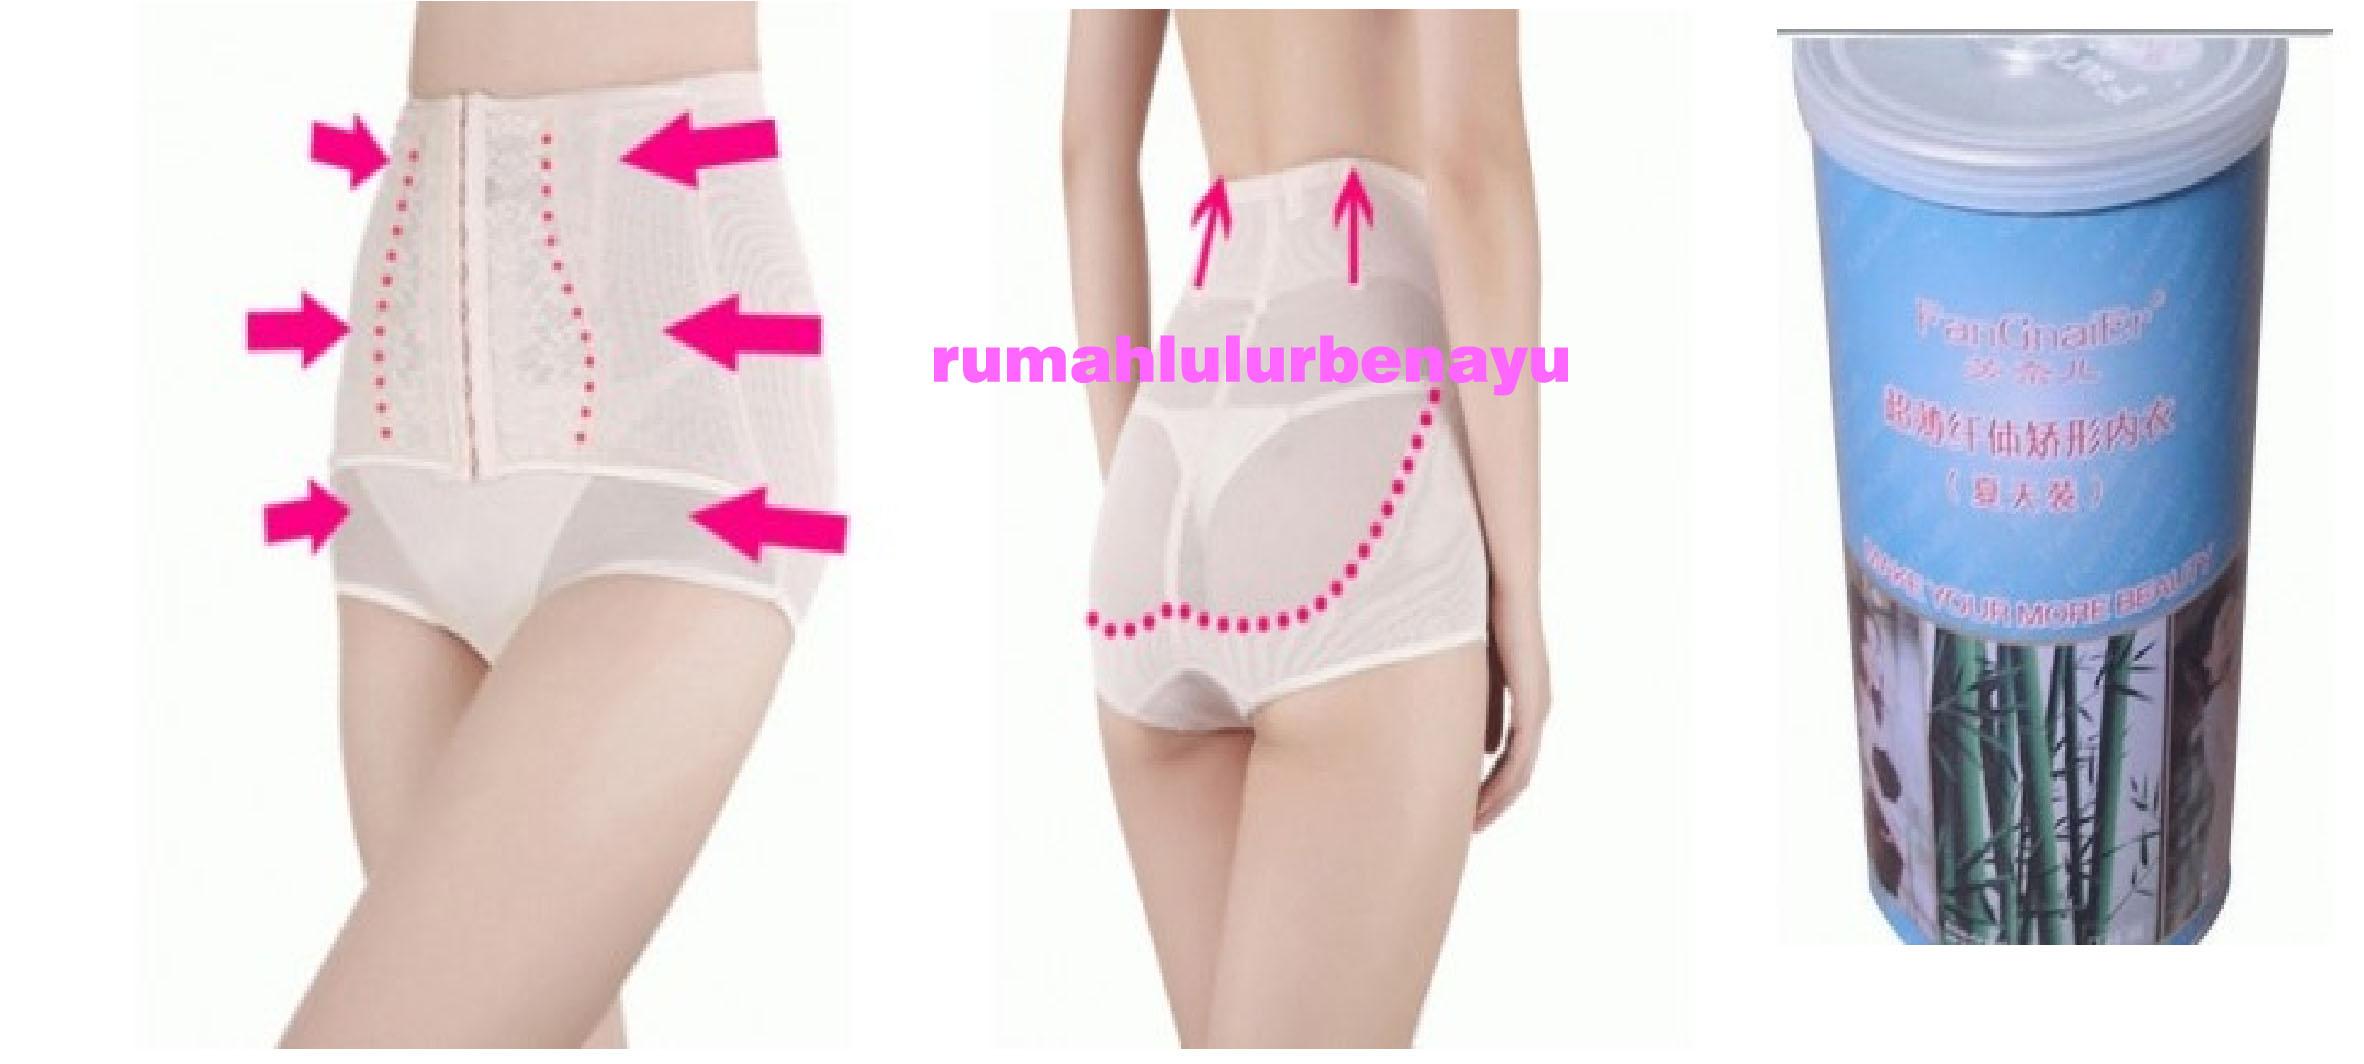 Welove Magic Bamboo Sliming Suit Pakaian Pelangsing Wanita Ukuran Bambo Natural Slimming Korset Pants